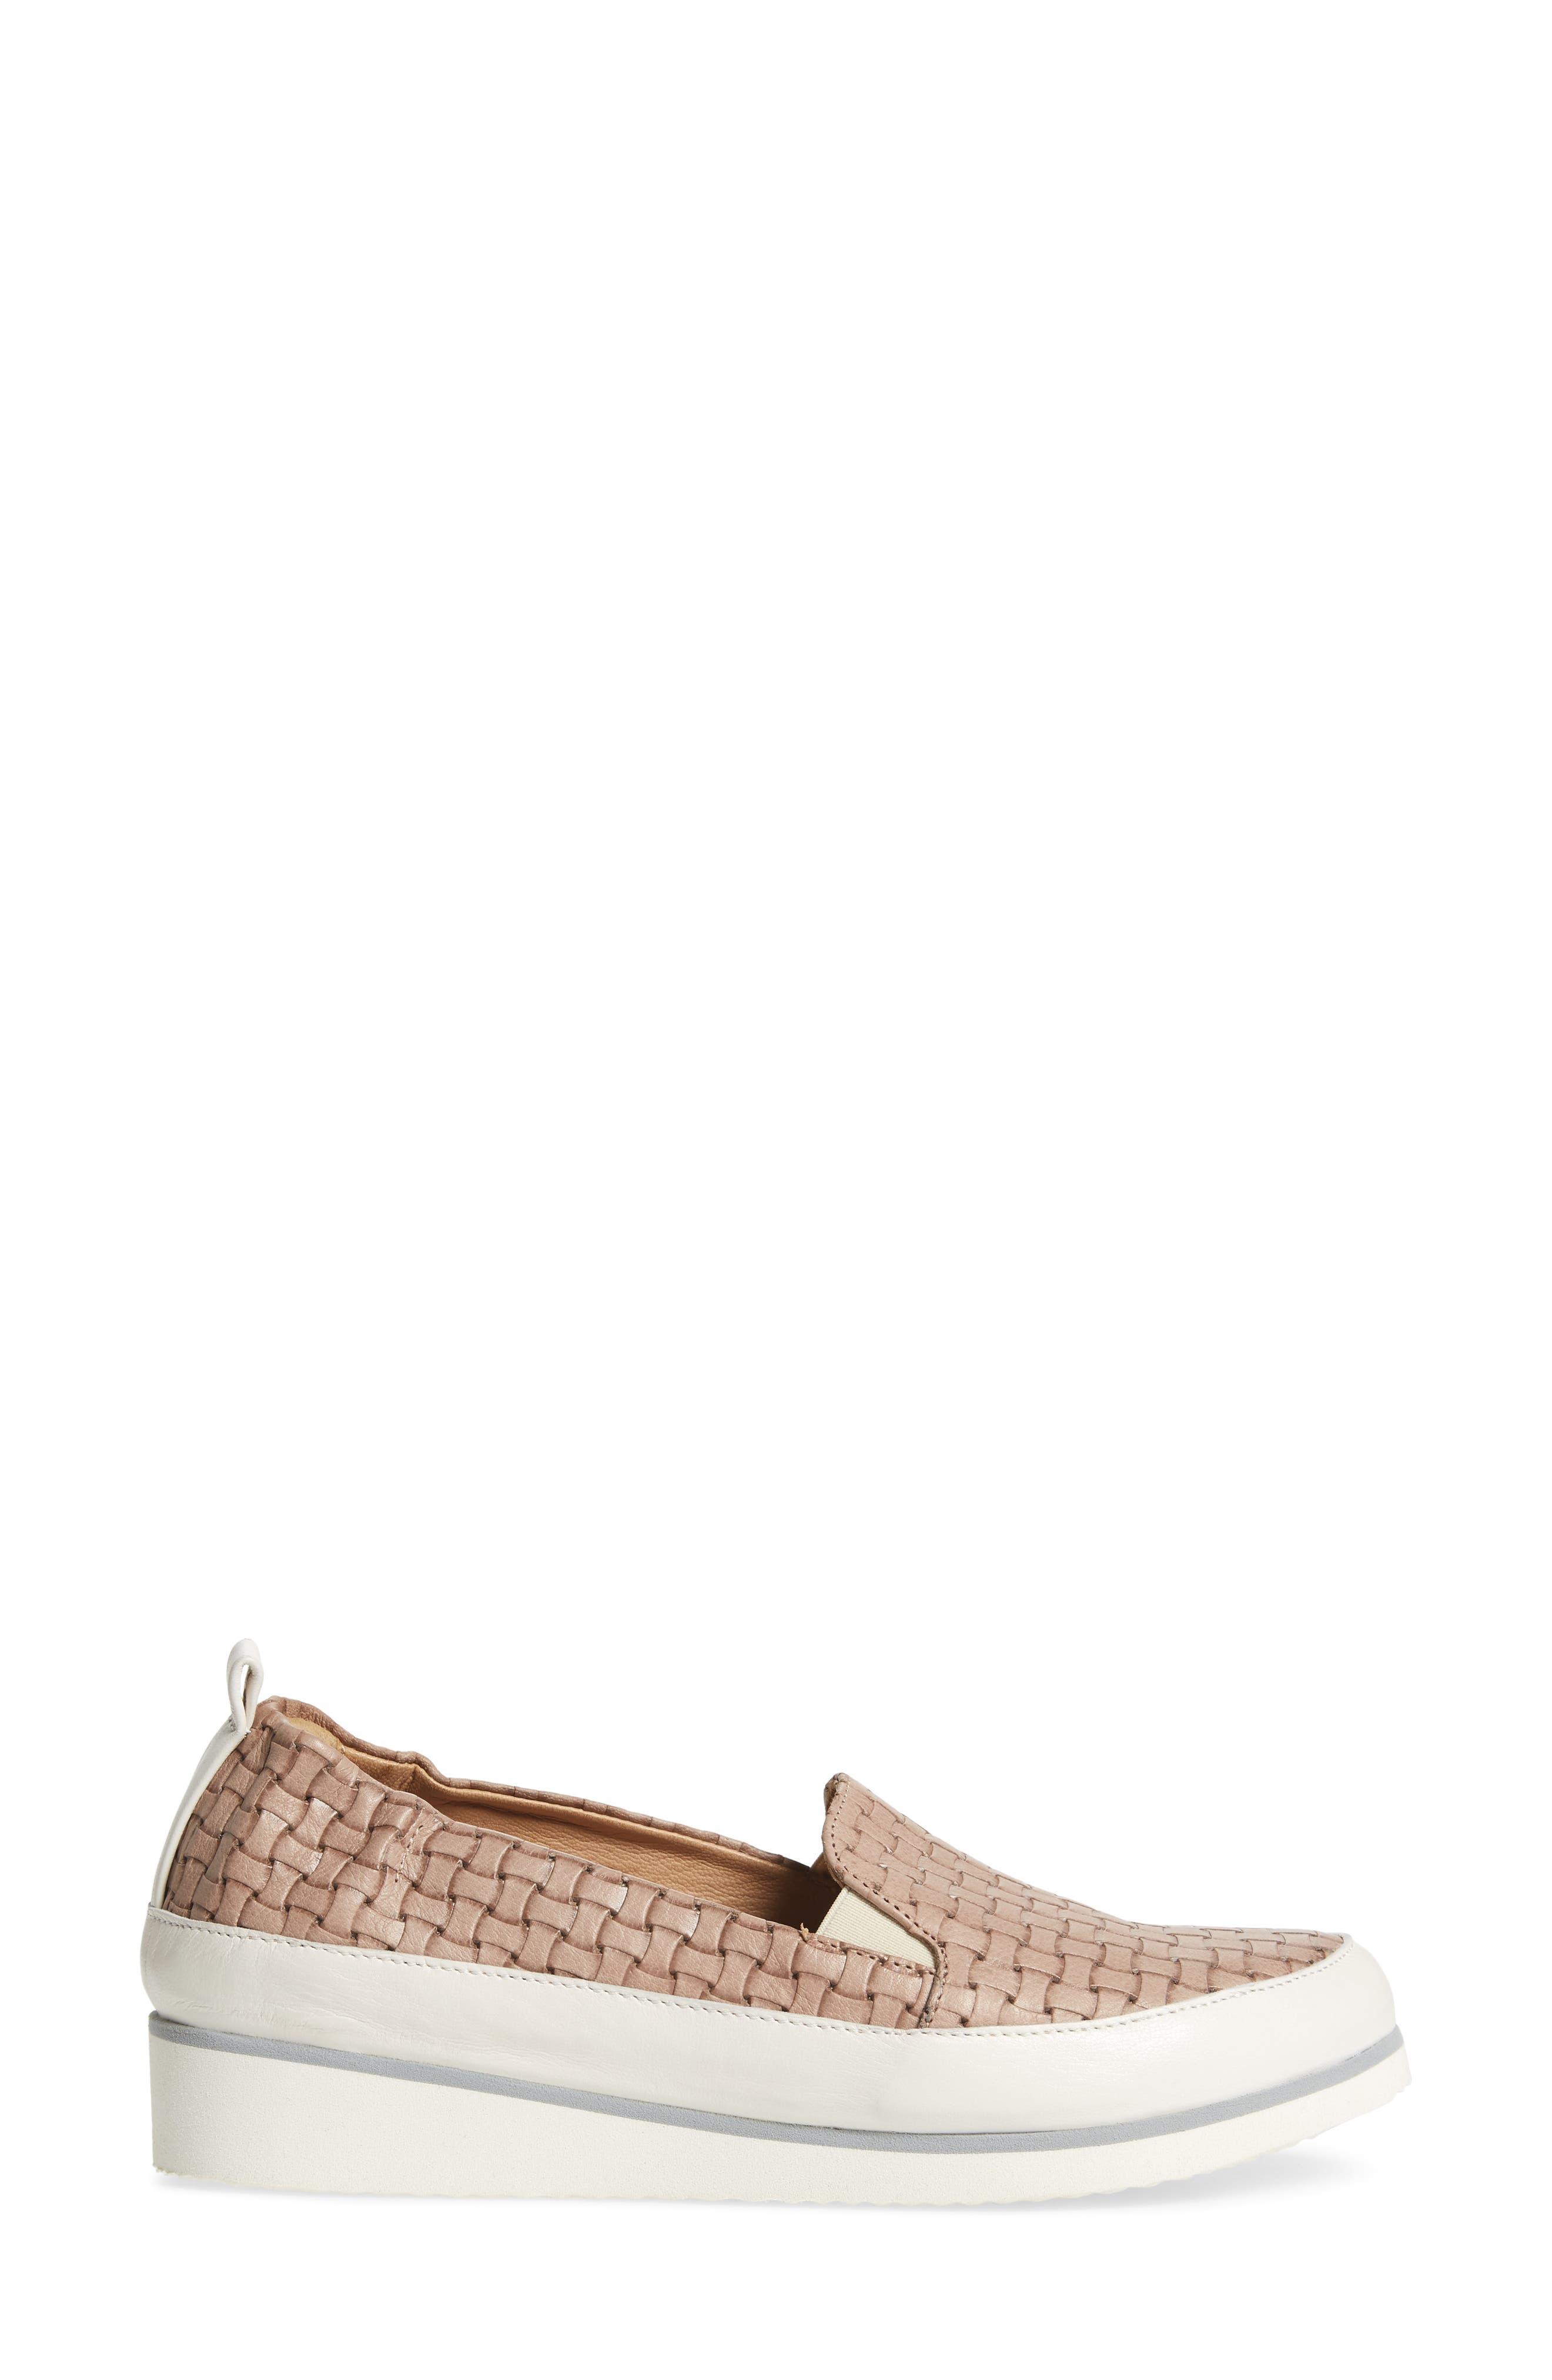 Alternate Image 3  - Ron White Nell Slip-On Sneaker (Women)